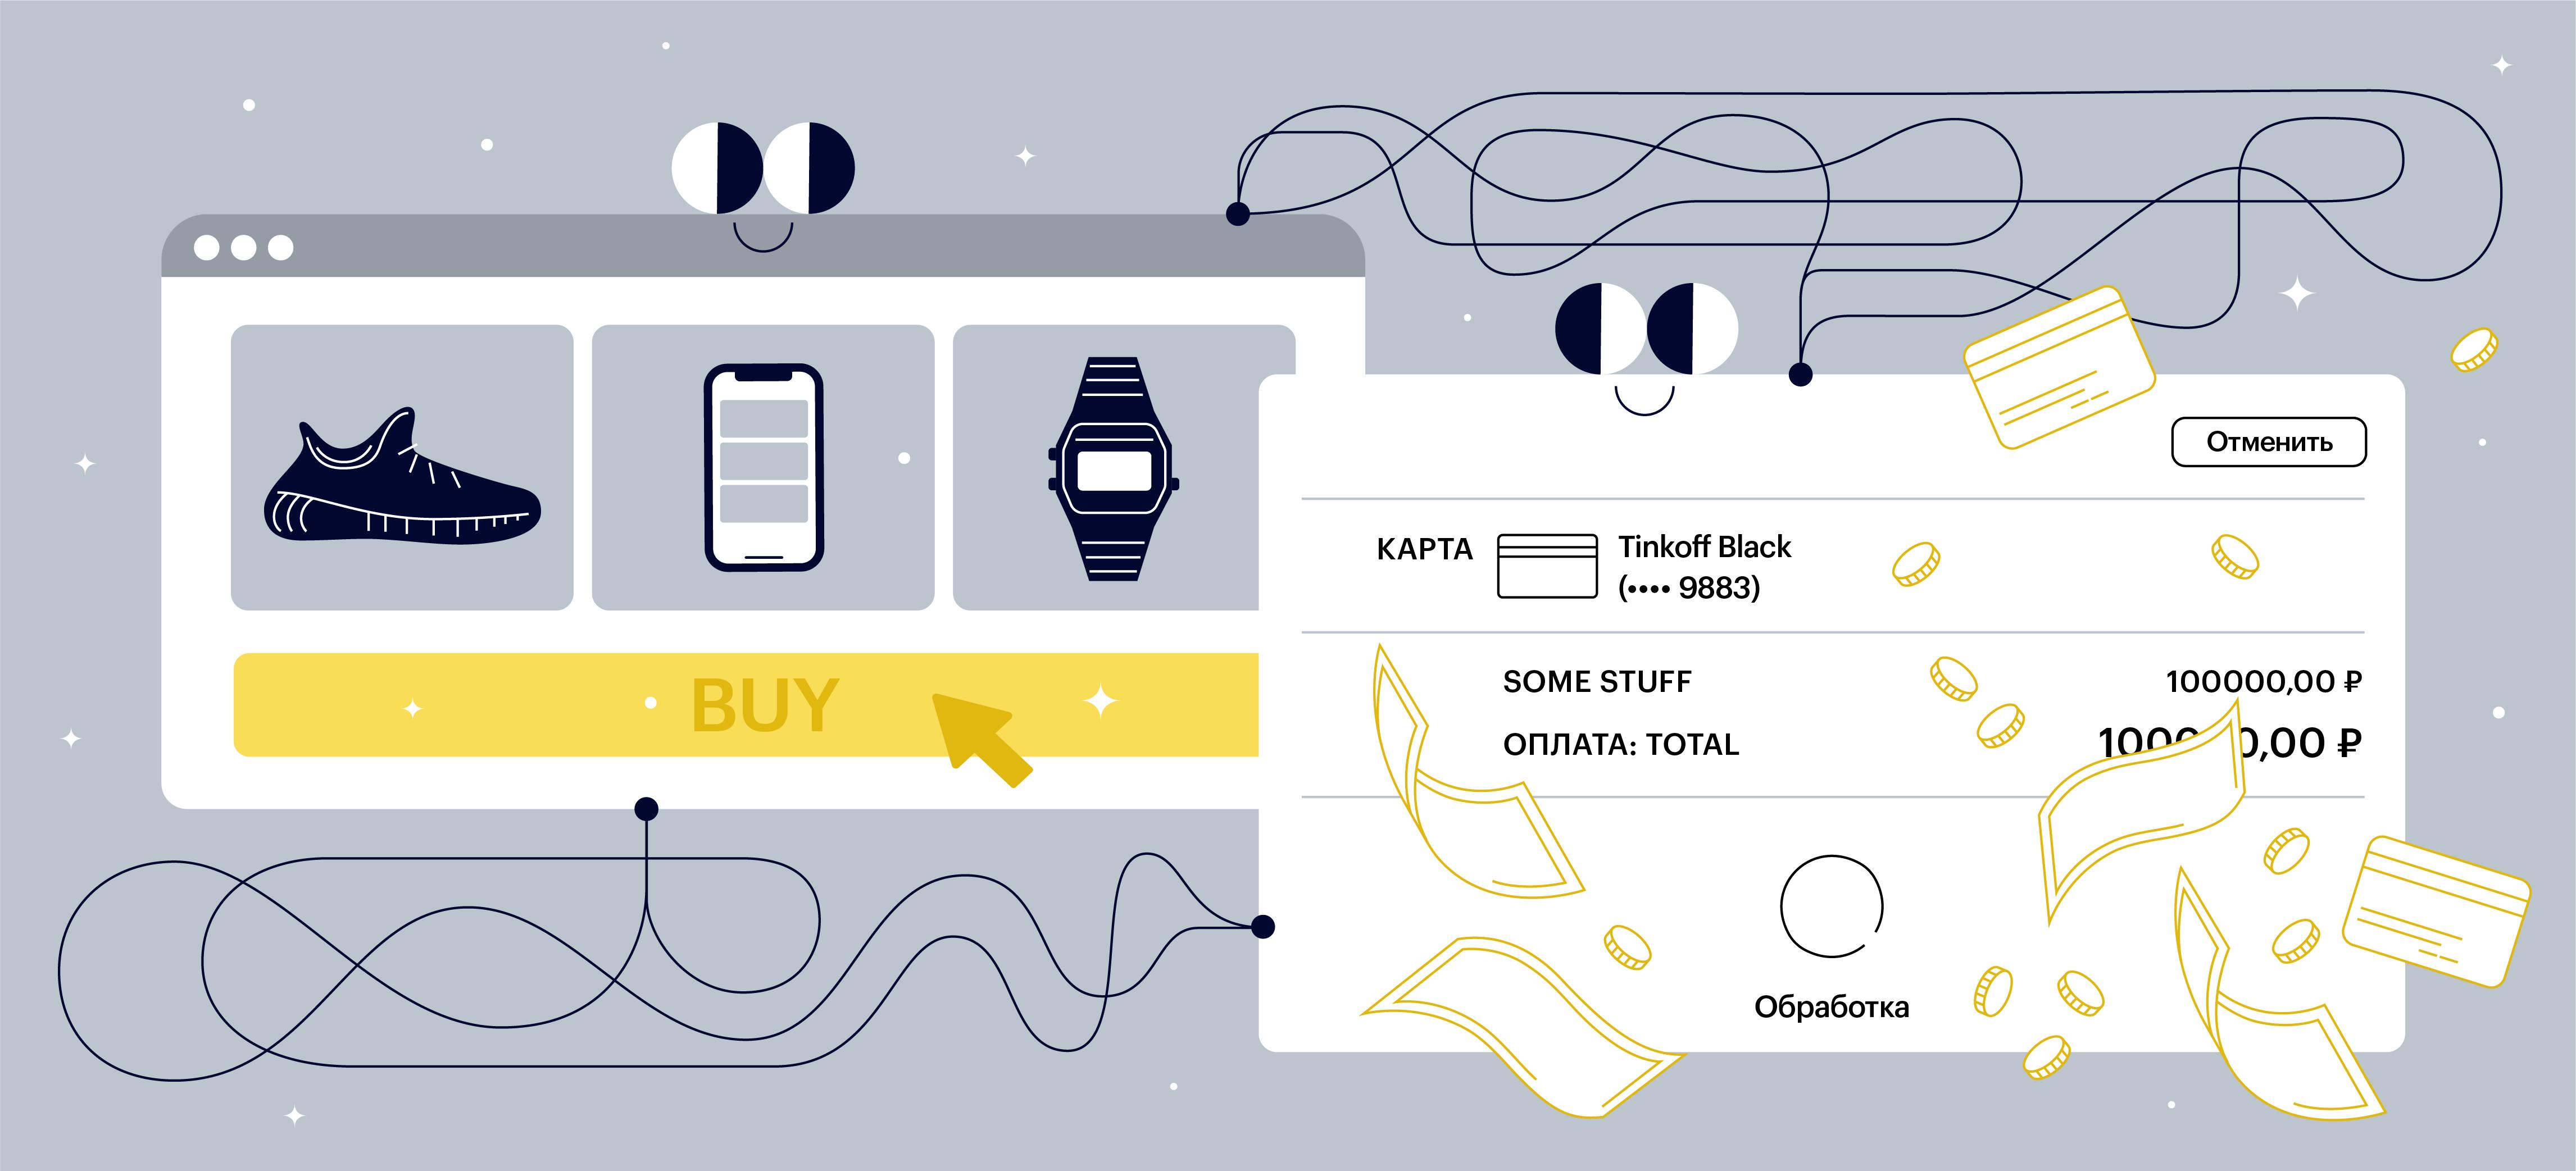 Декларативный шопинг в интернете с помощью Payment Request API и Angular - 1